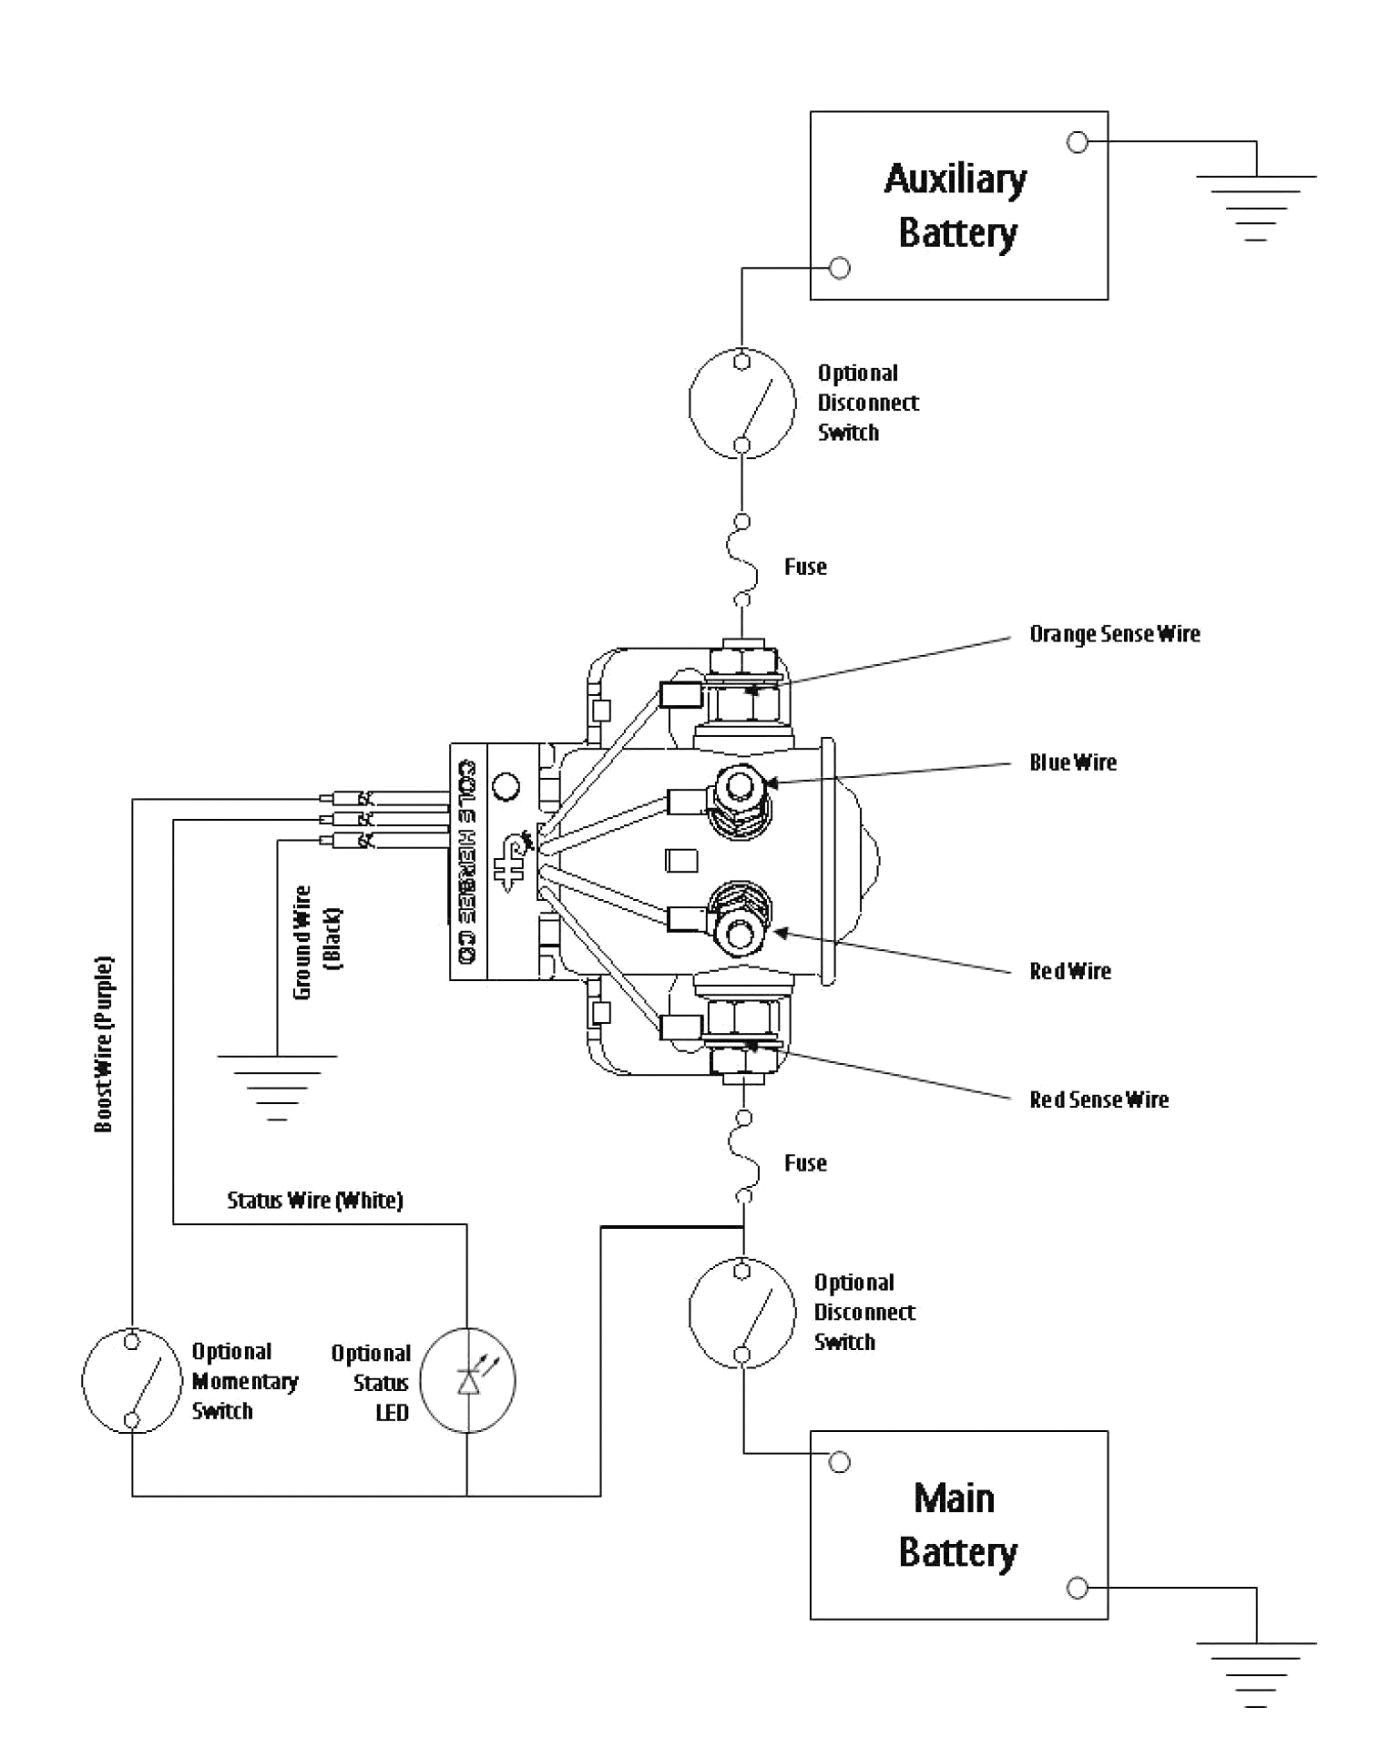 st85 solenoid wiring diagram wiring diagram rules st85 solenoid wiring diagram wiring diagram sys st85 solenoid